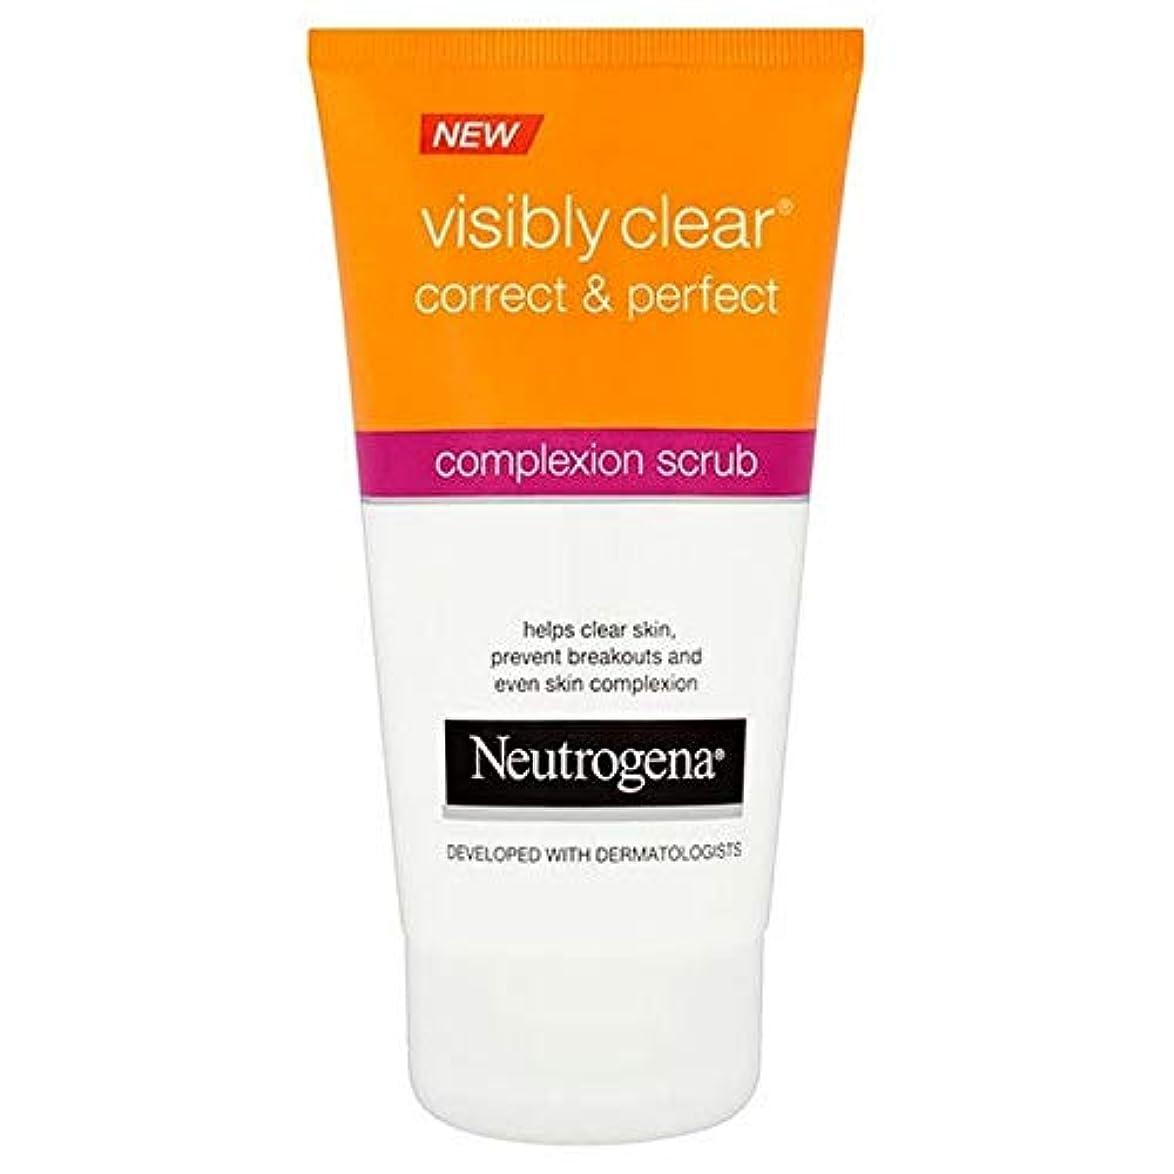 バック電信最大化する[Neutrogena] ニュートロジーナ目に見えて明らかに正しいと完璧な顔色スクラブ - Neutrogena Visibly Clear Correct & Perfect Complexion Scrub [並行輸入品]